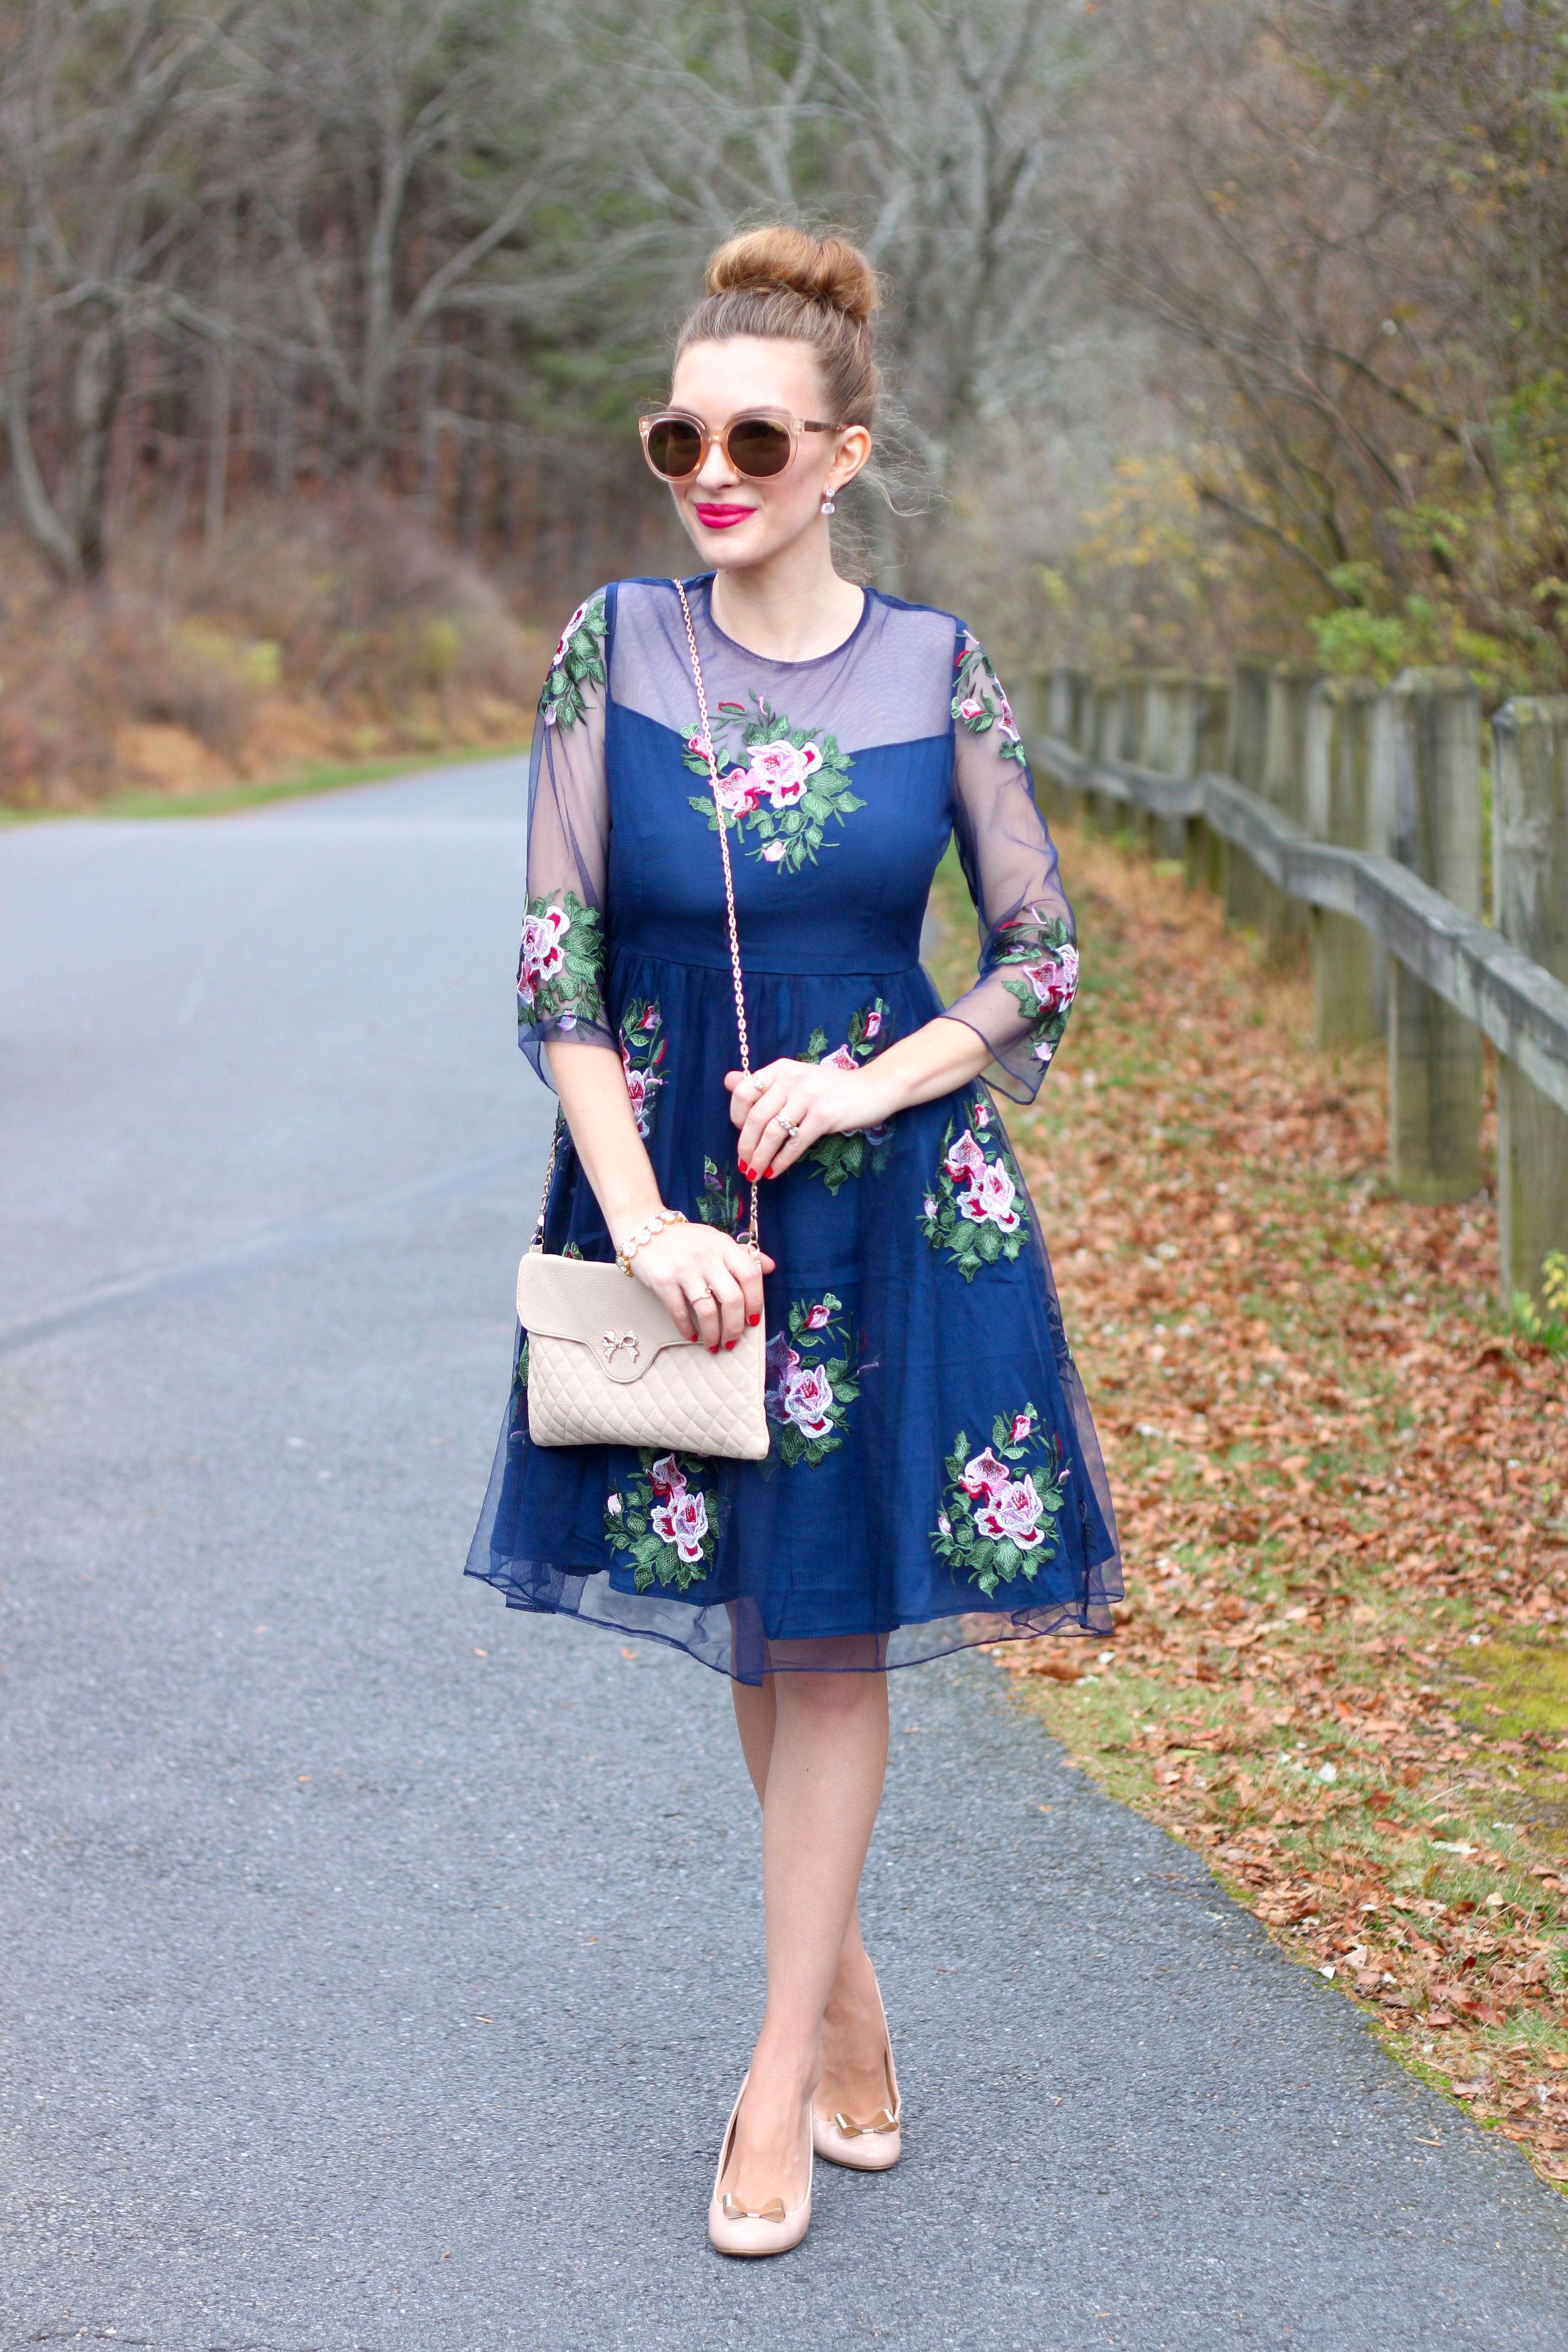 Rose Gold with Florals- Enchanting Elegance